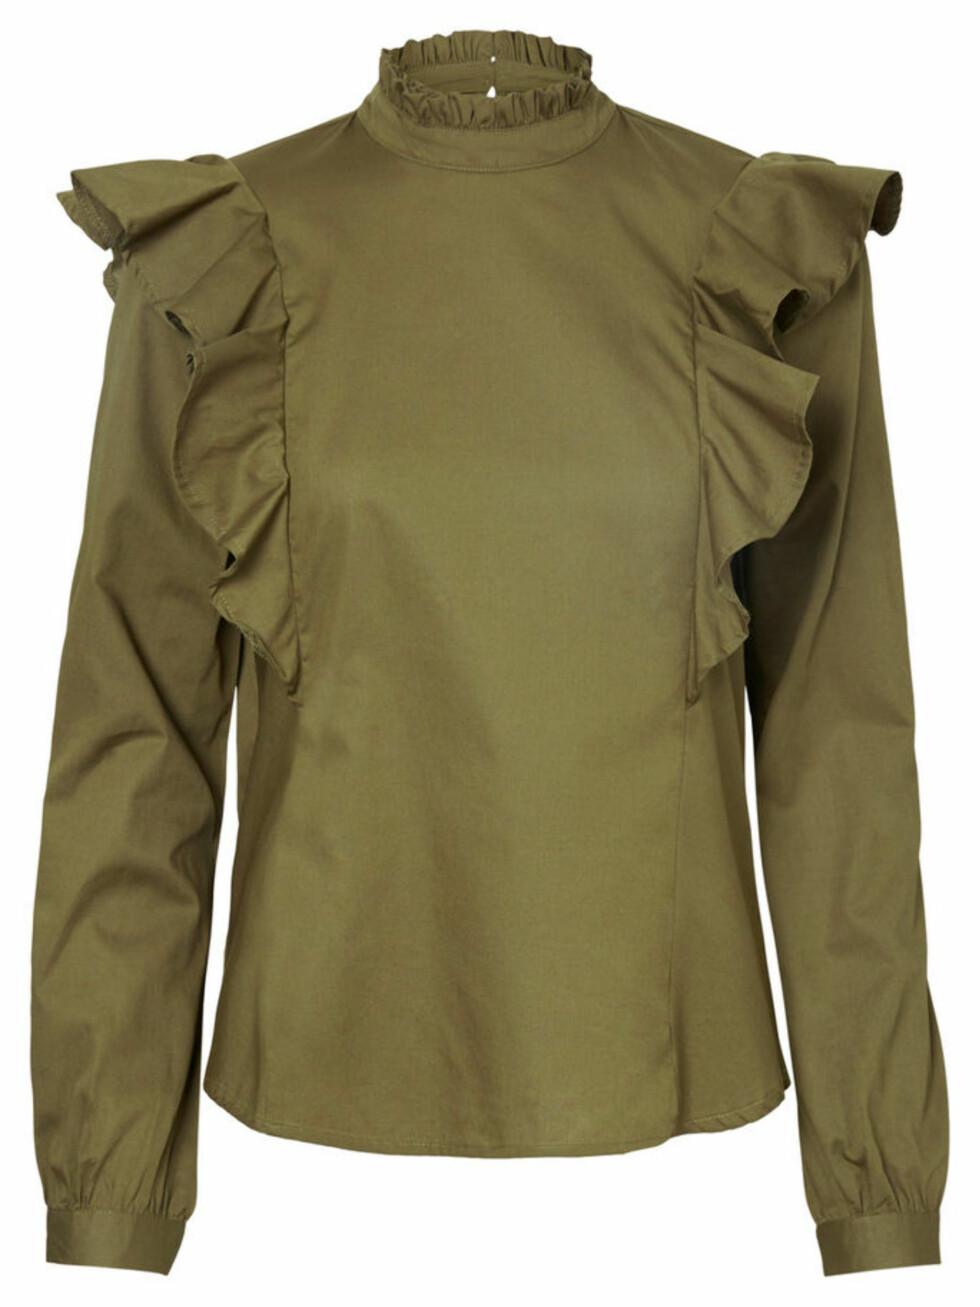 Topp fra Vero Moda |380,-| https://www.veromoda.com/no/no/vm/handla-efter-kategori/skjorter/rysje-langermet-topp-10183242.html?cgid=vm-shirts&dwvar_colorPattern=10183242_DarkOlive